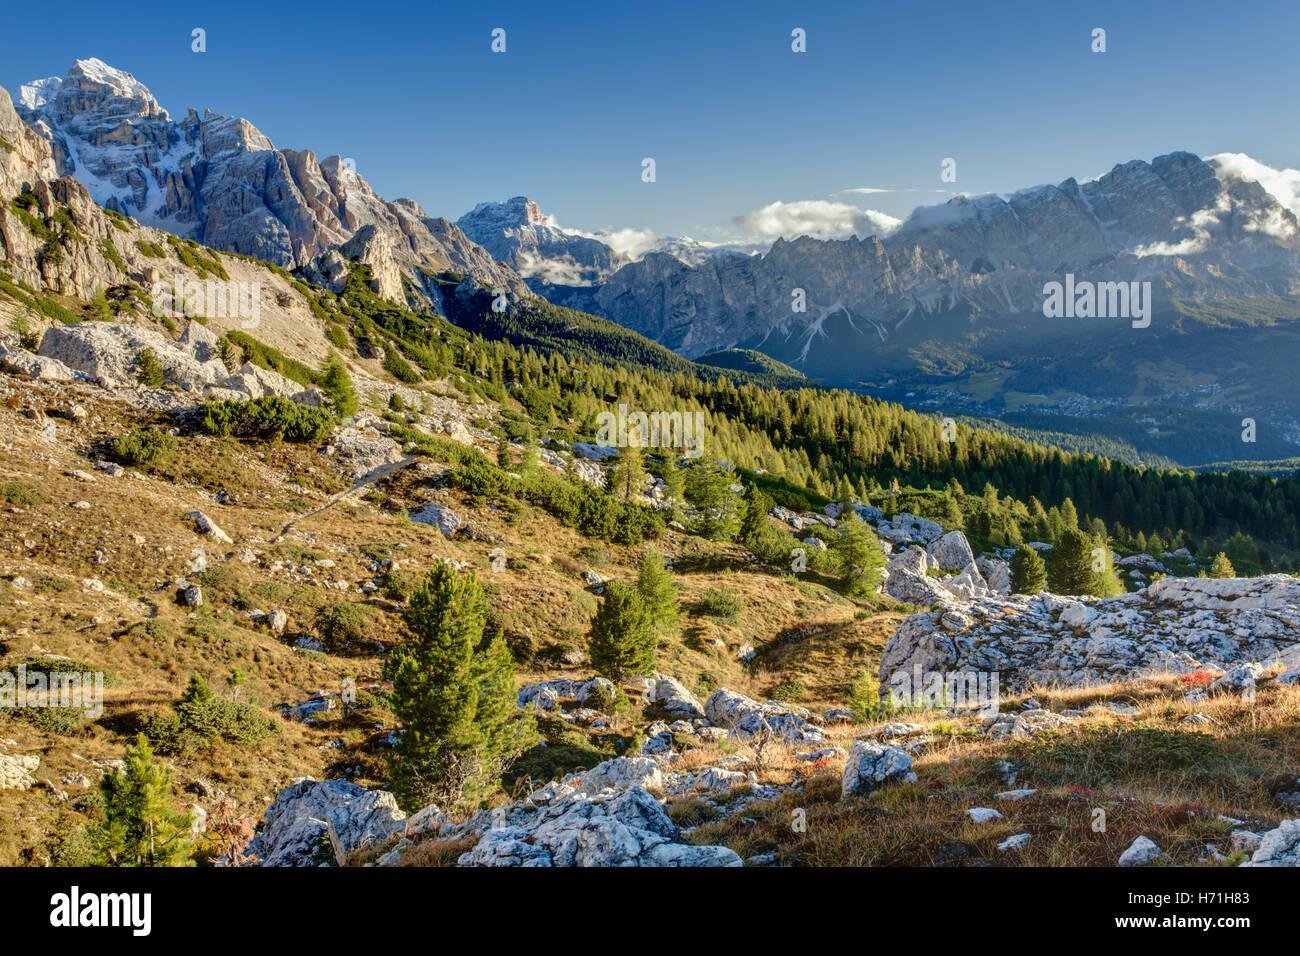 Italian Dolomites Near Cortina d'Ampezzo  Italiano Dolomiti Vicino Cortina d'Ampezzo Stock Photo